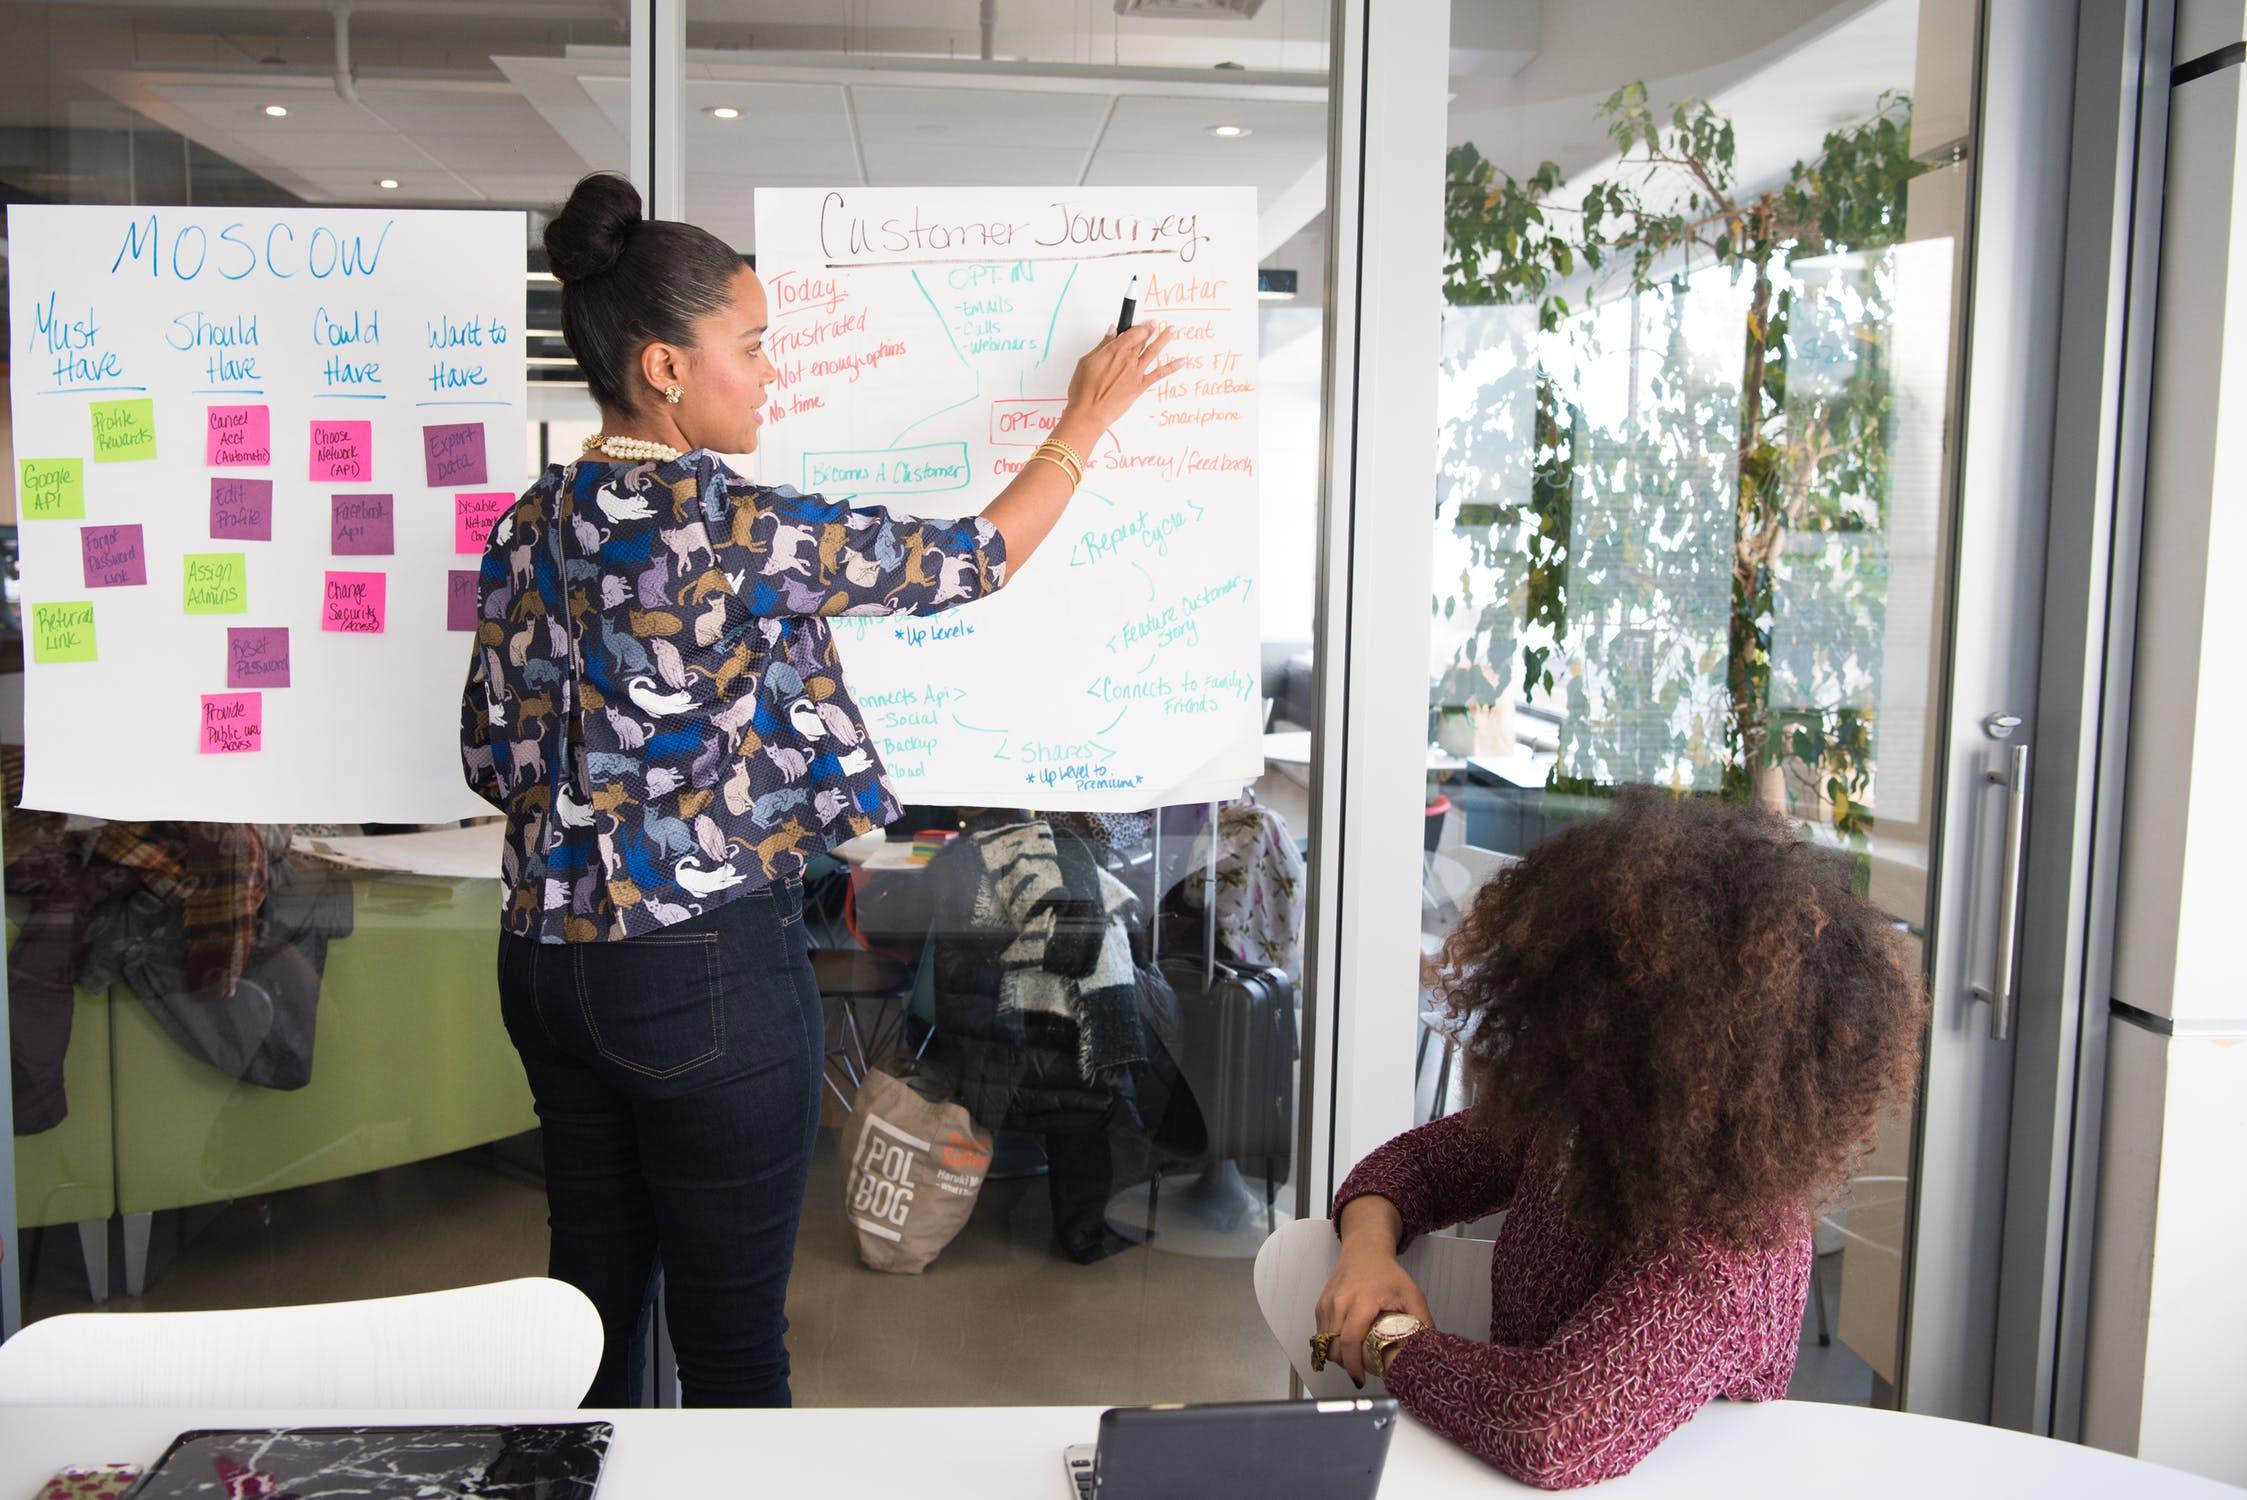 Comment développer des valeurs qui soutiennent votre plan stratégique ?